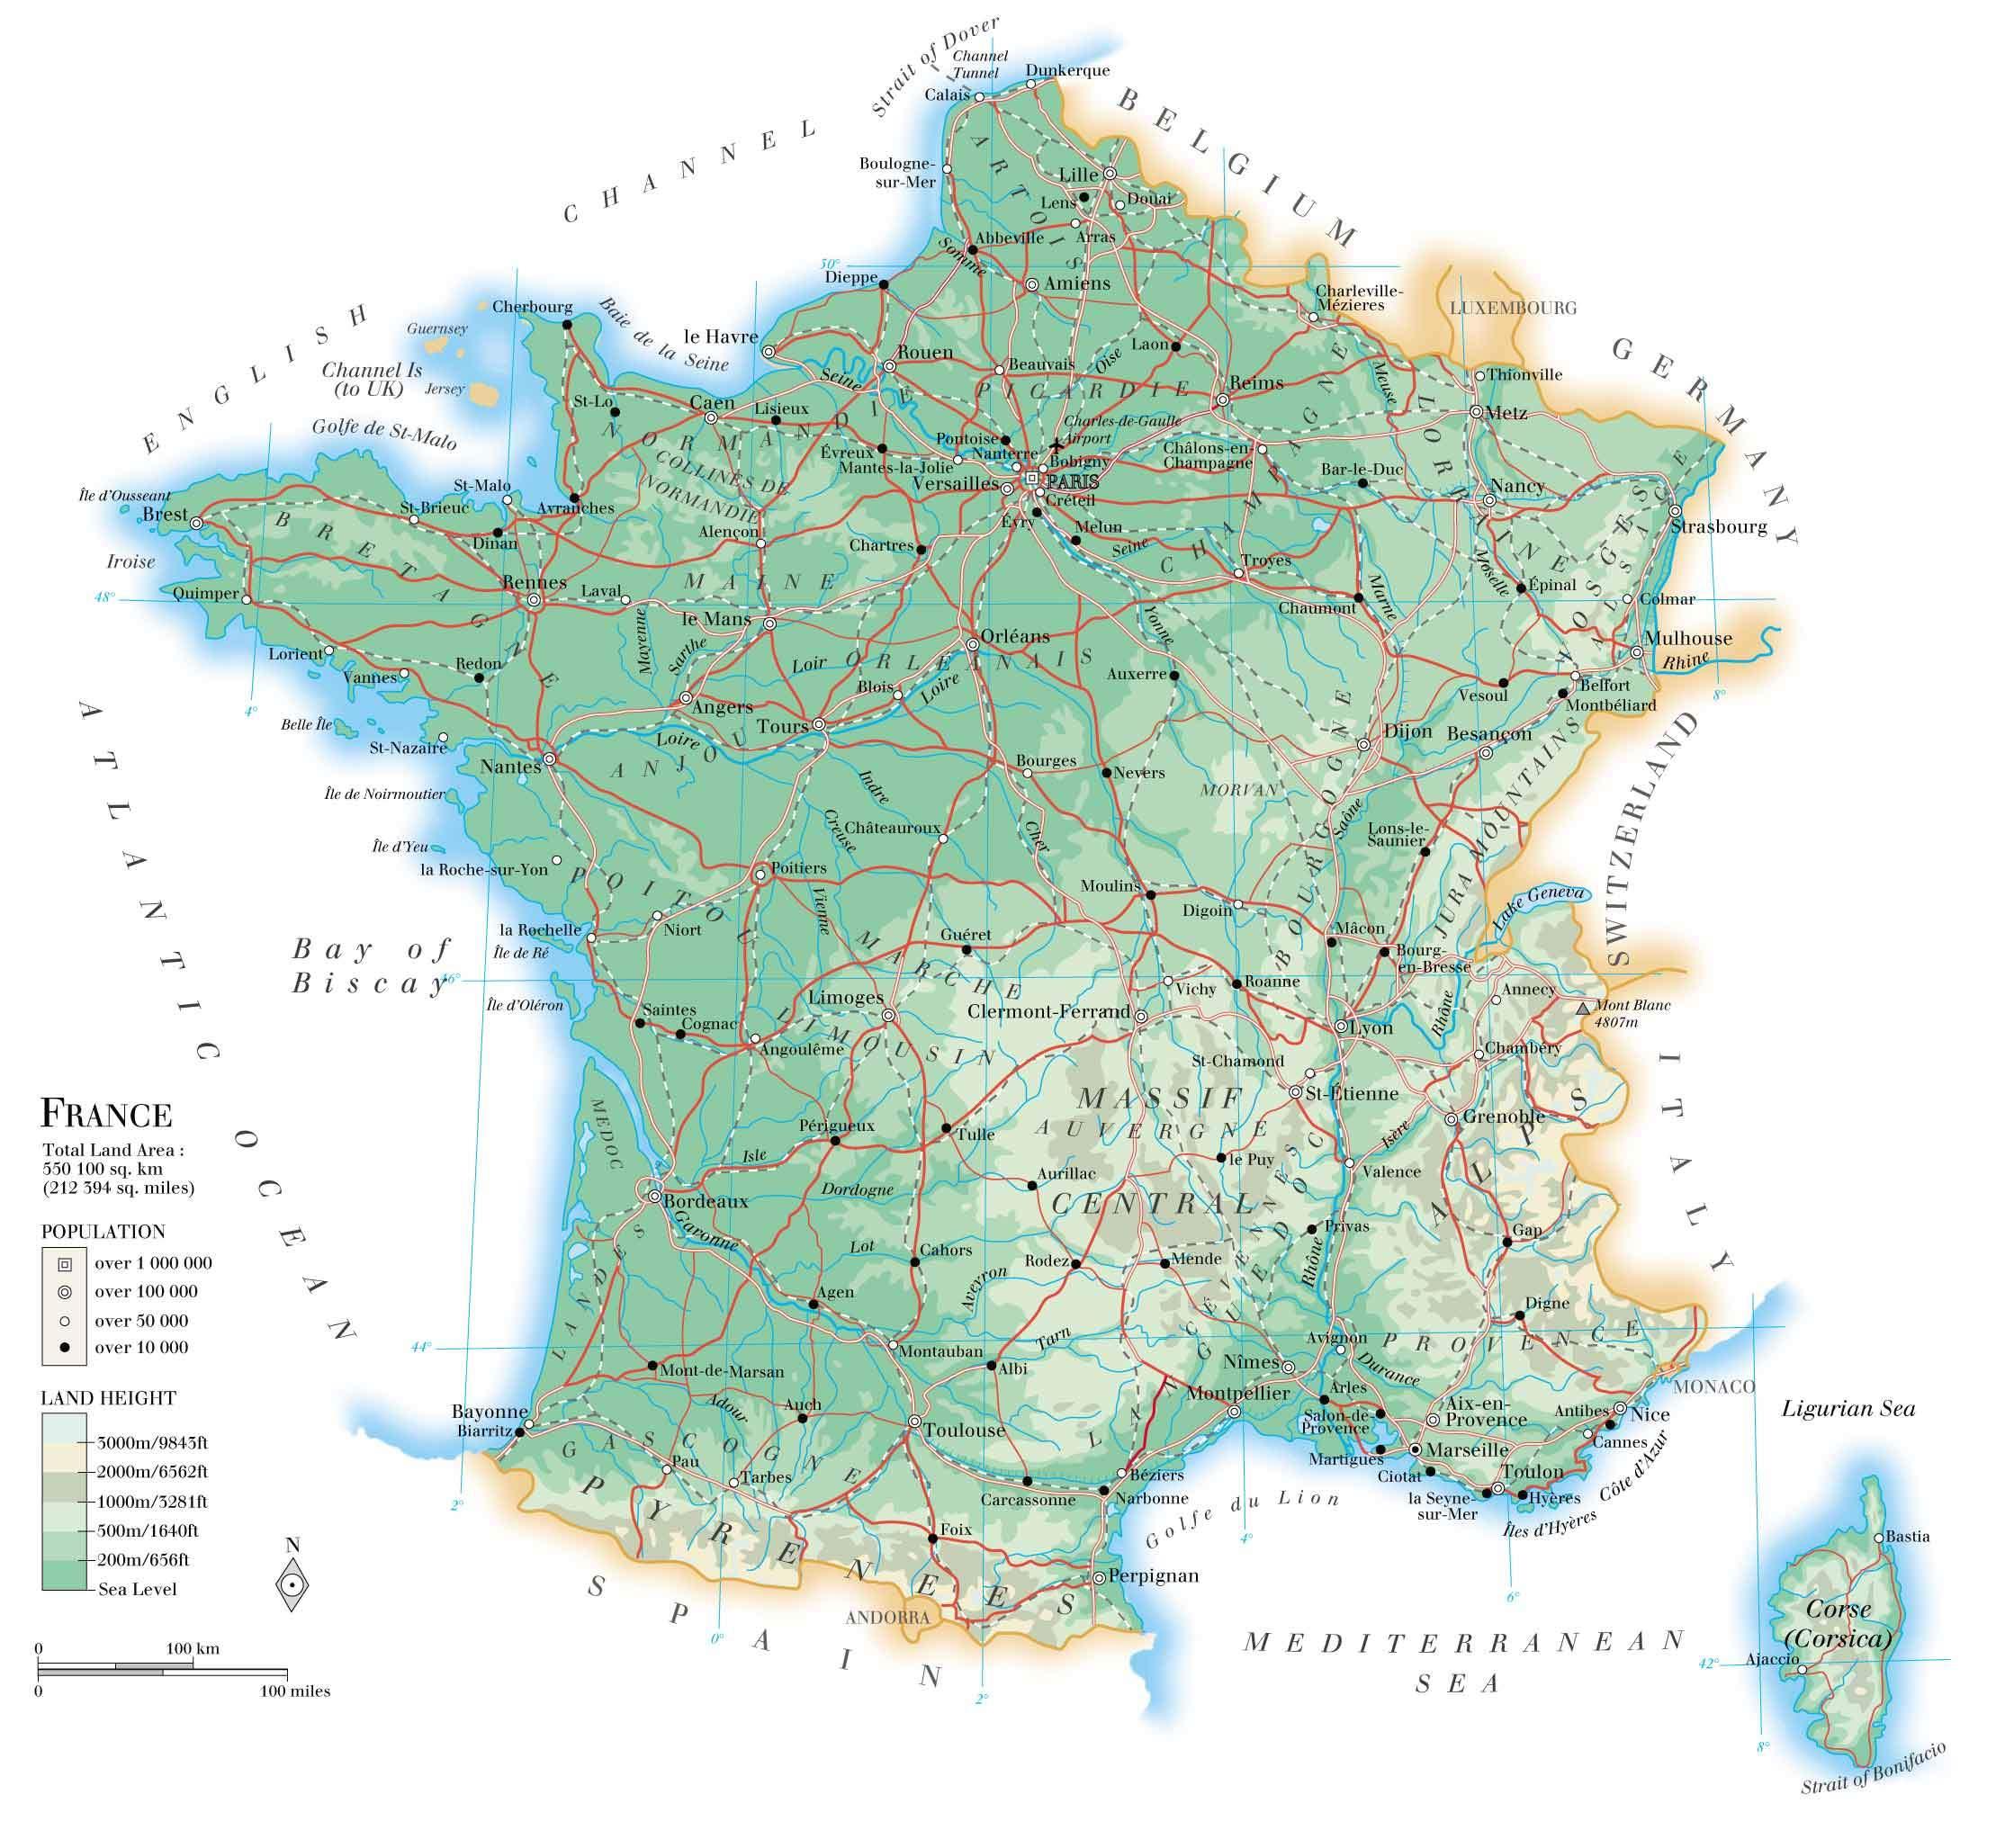 Grande Carte De France A Imprimer | My Blog destiné Carte De France Imprimable Gratuite